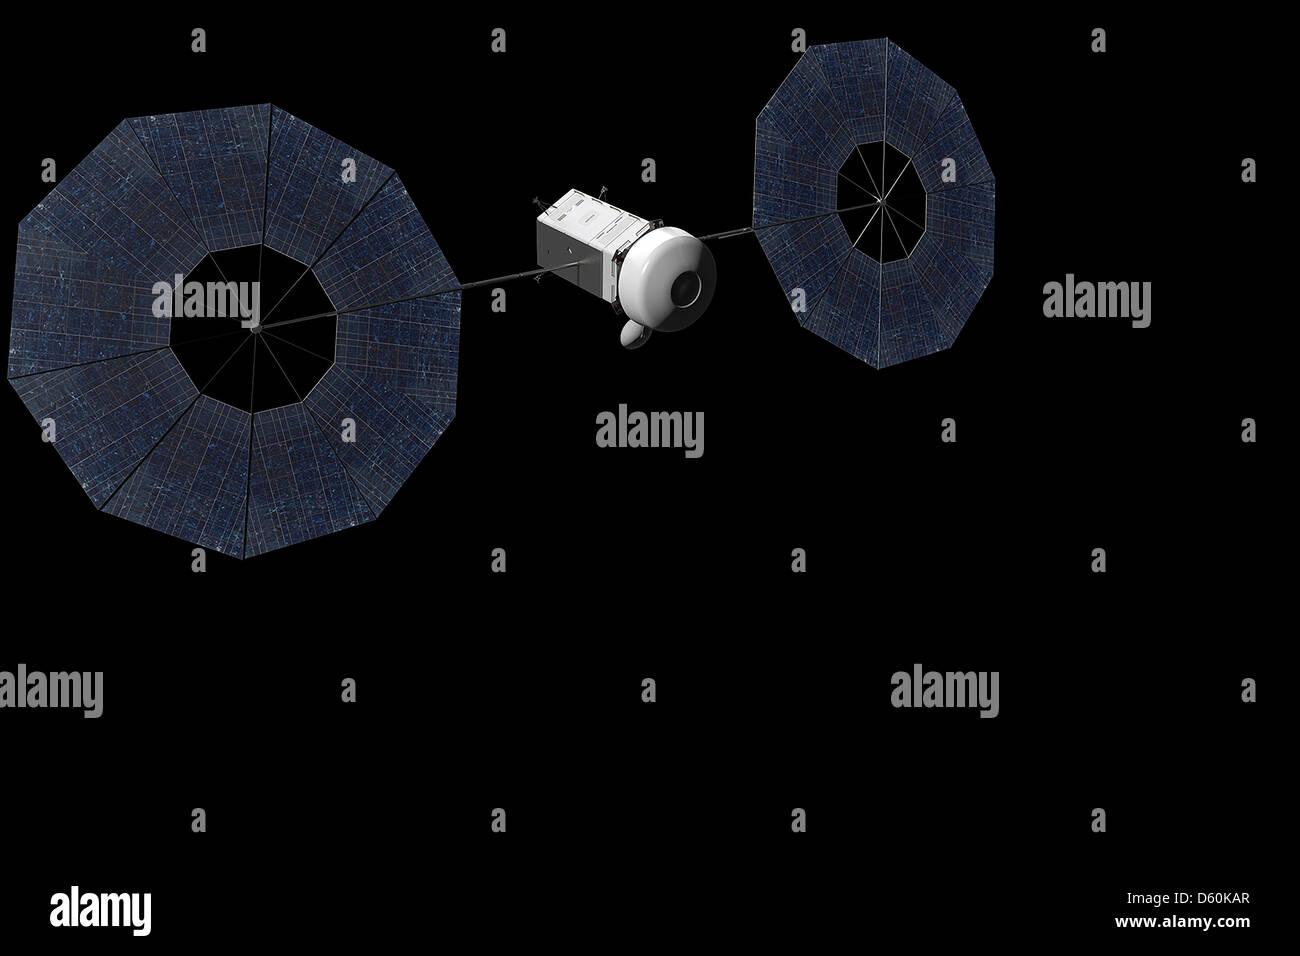 Propulsion Imágenes De Stock & Propulsion Fotos De Stock - Alamy